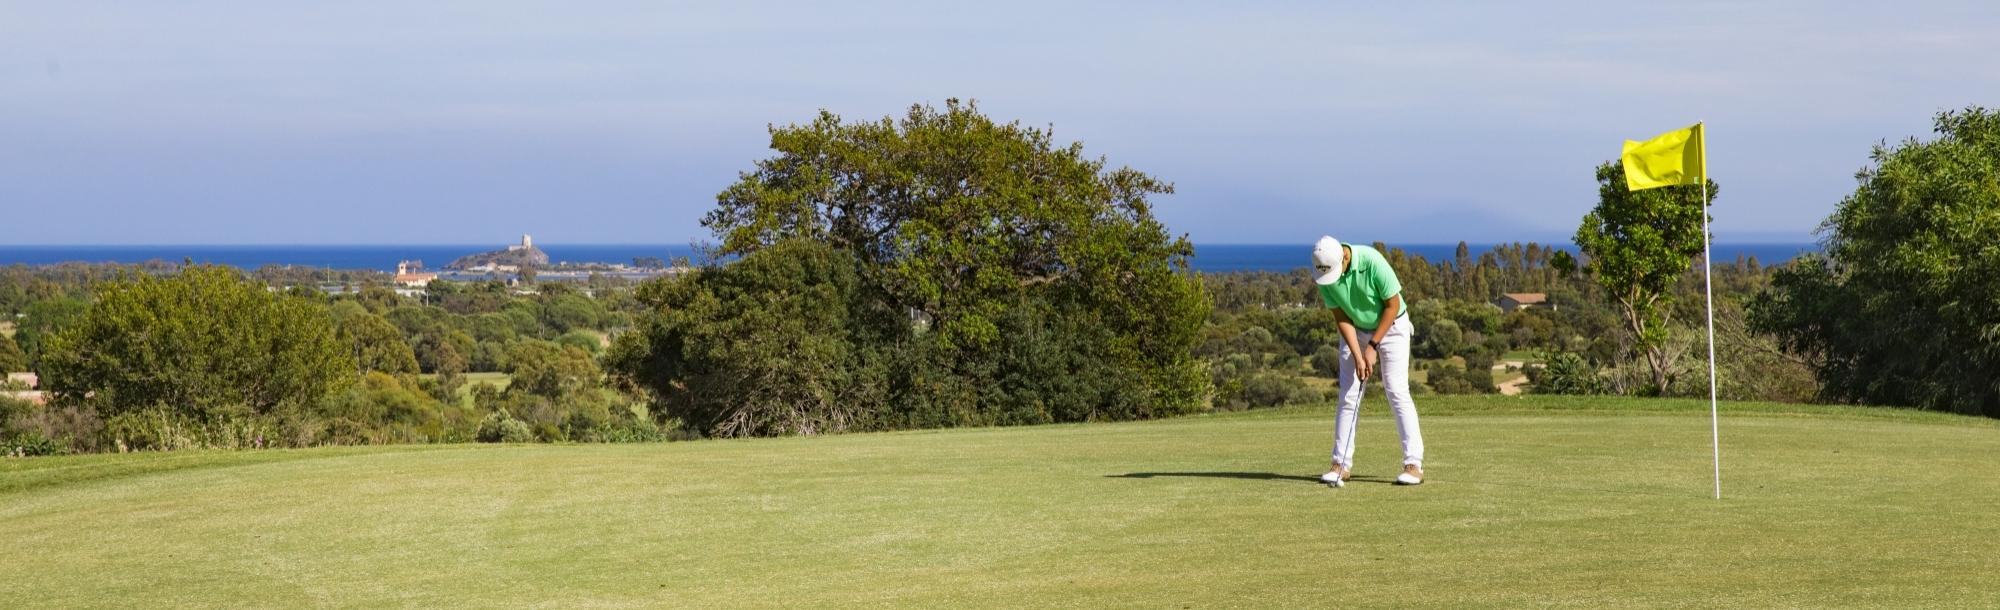 Uomo su campo da golf vista mare